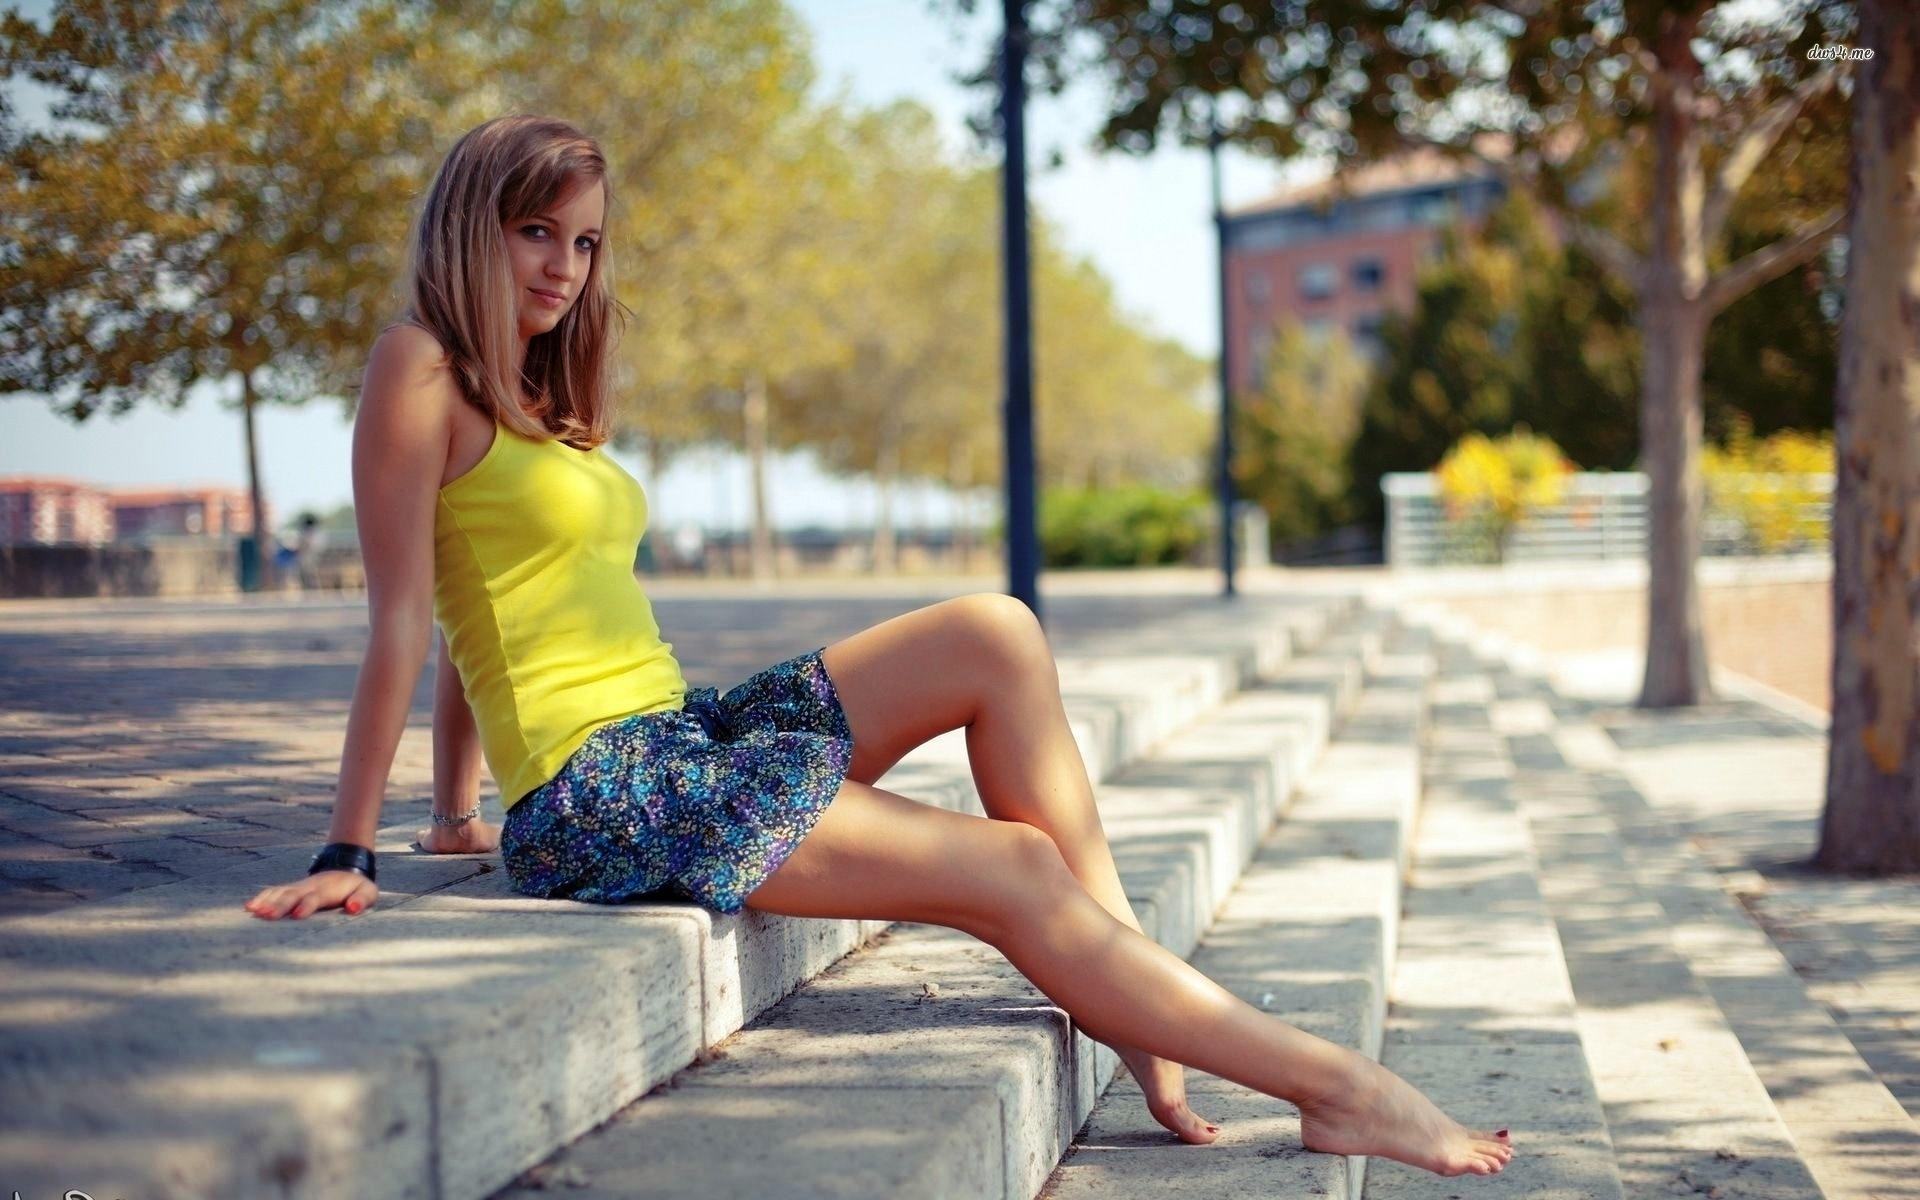 Девушка на природе сидит в короткой юбке видео, проститутки в спб видеочат